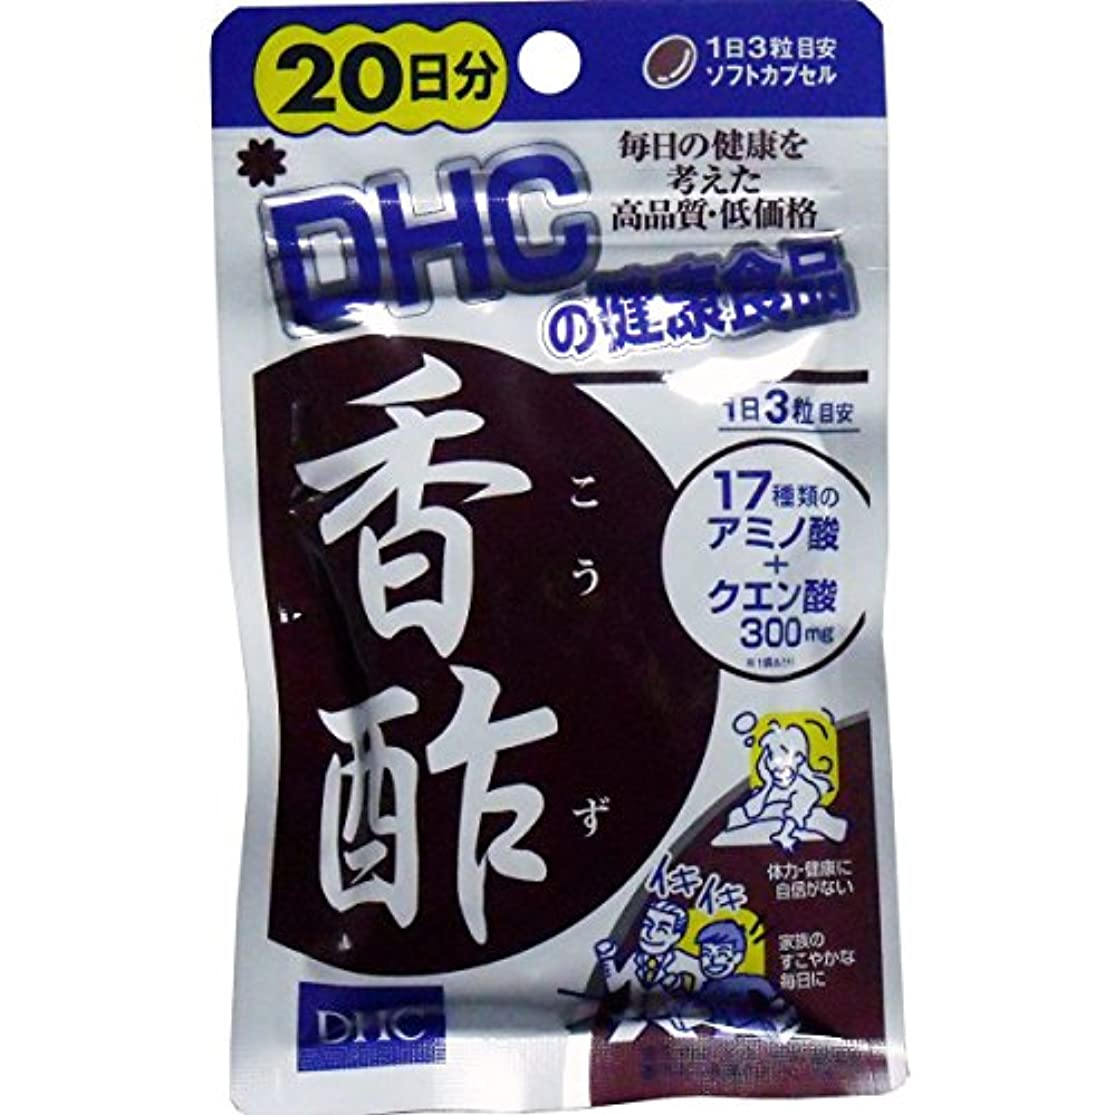 蒸留台風ペンDHC 香酢 20日分 60粒入「4点セット」